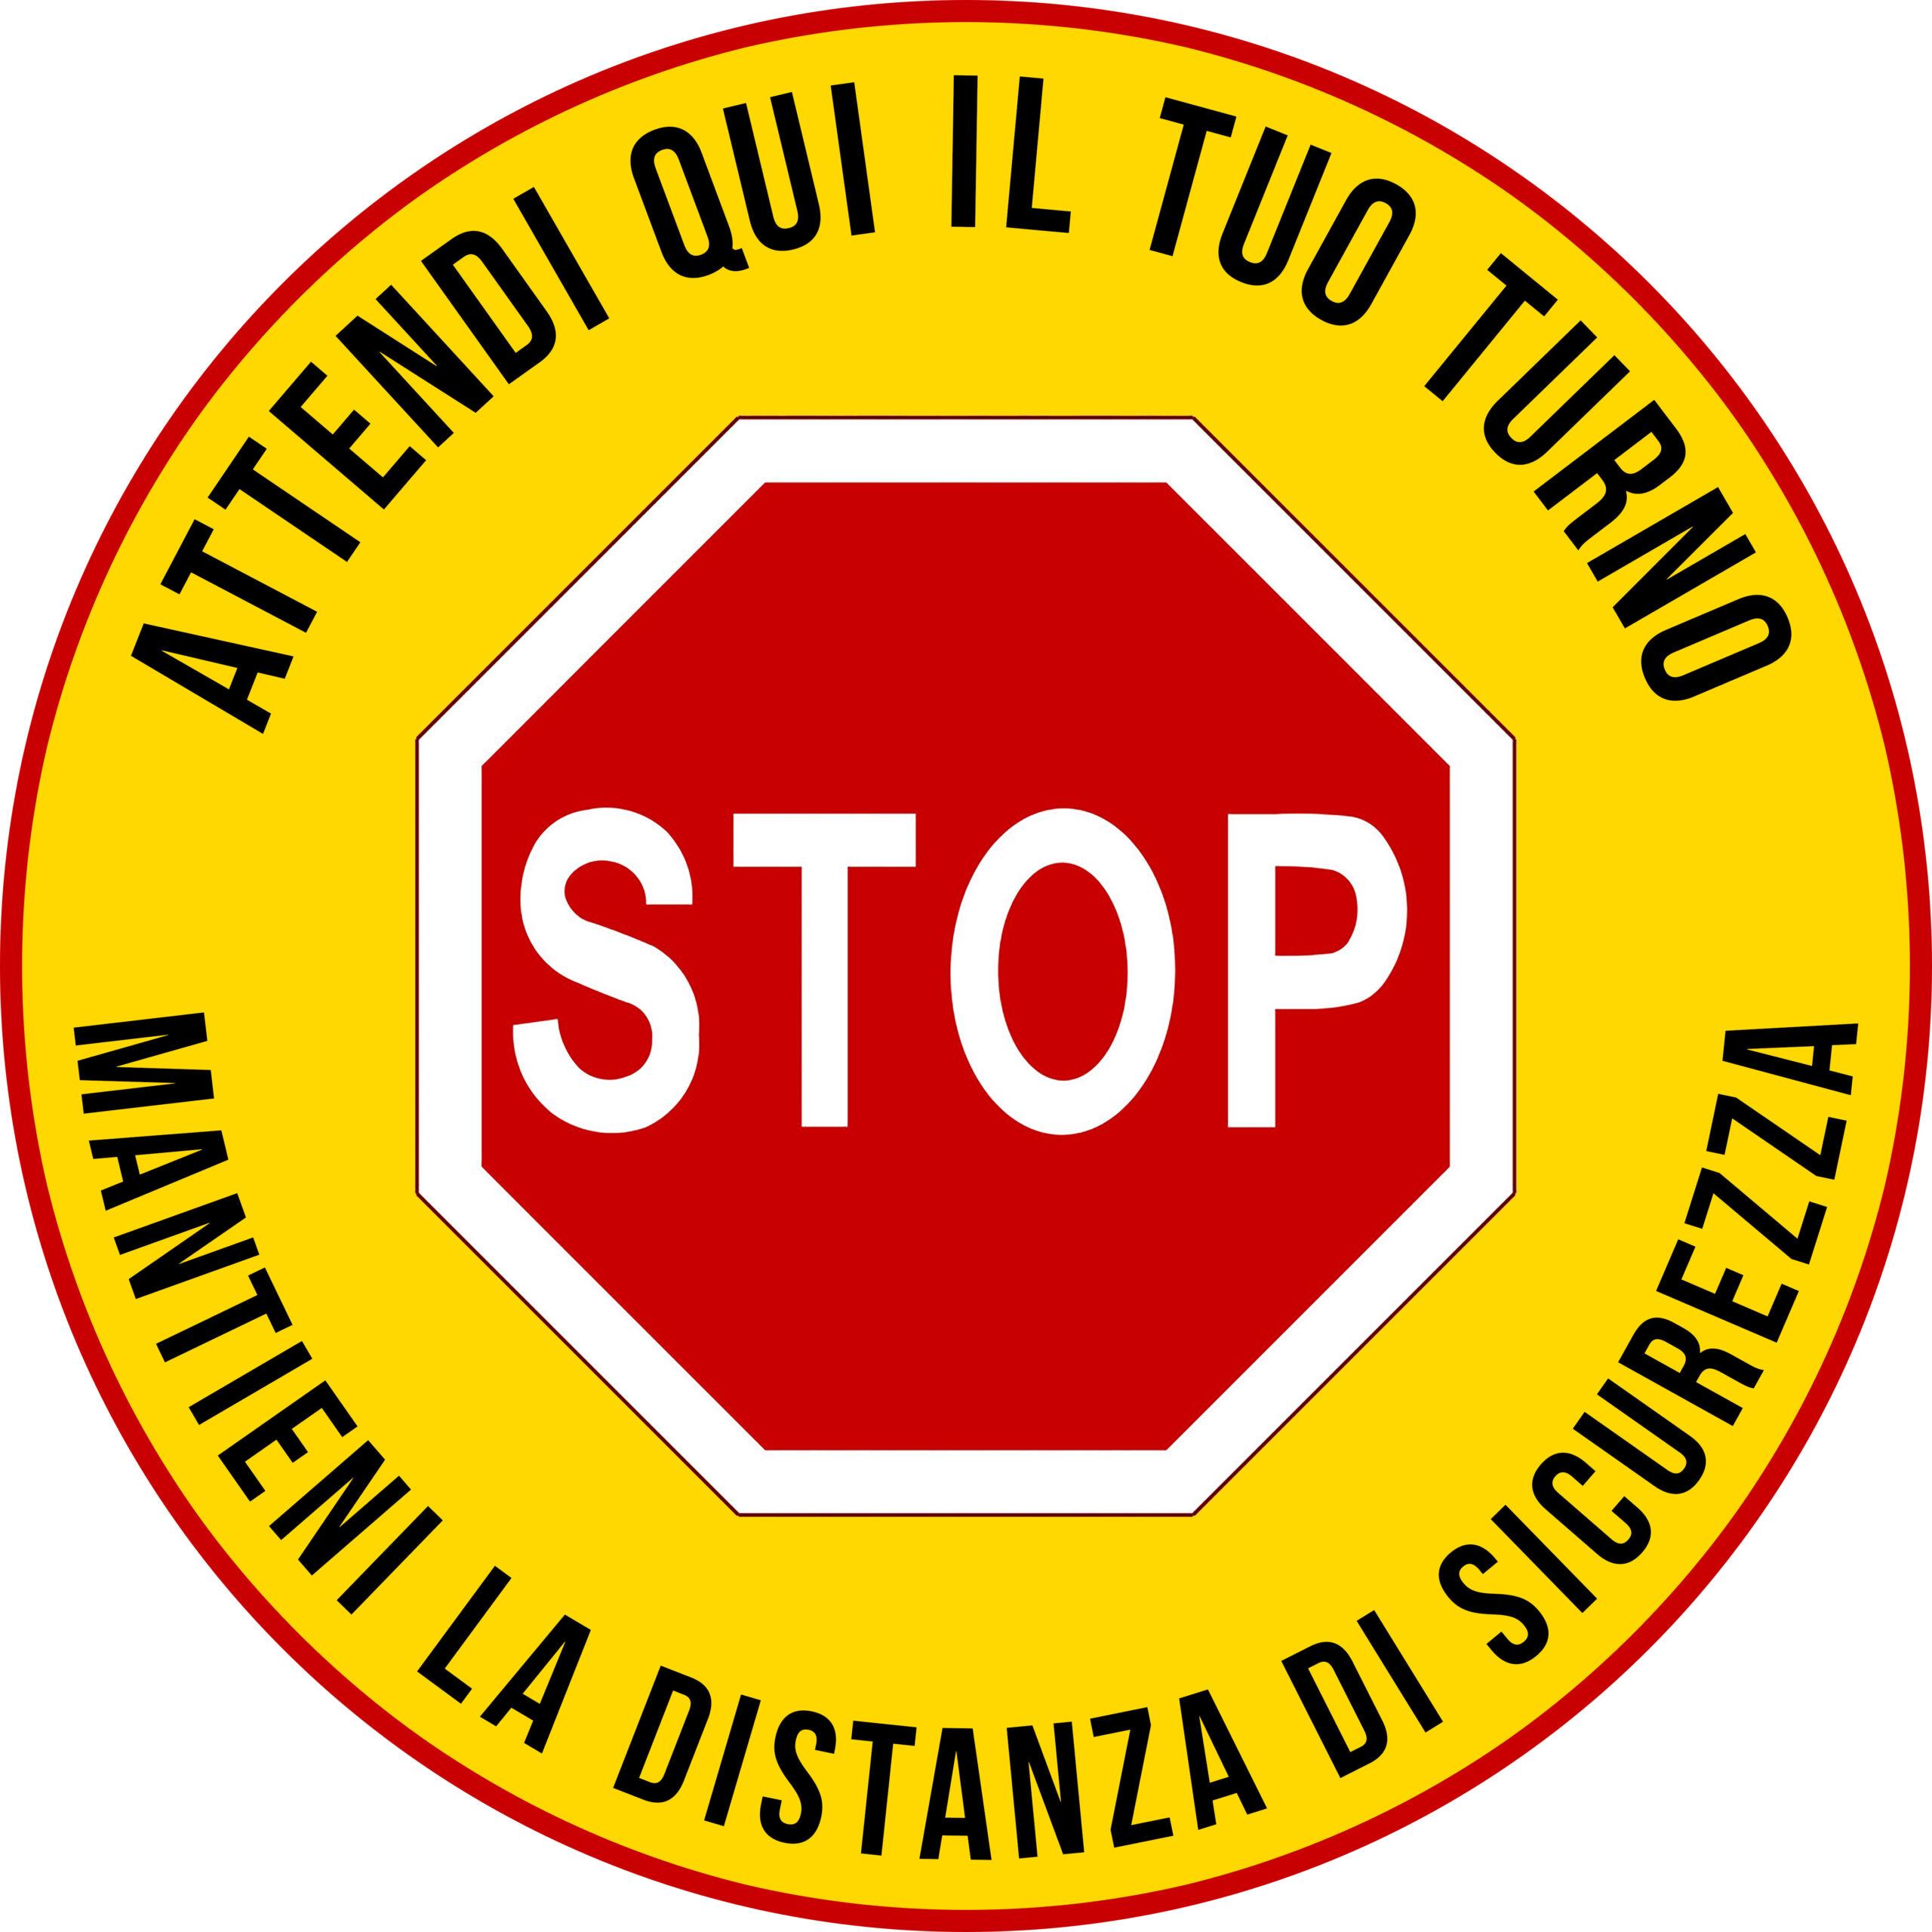 Adesivo -Stop – Atttendi qui il tuo turno – Mantieni la distanza di sicurezza